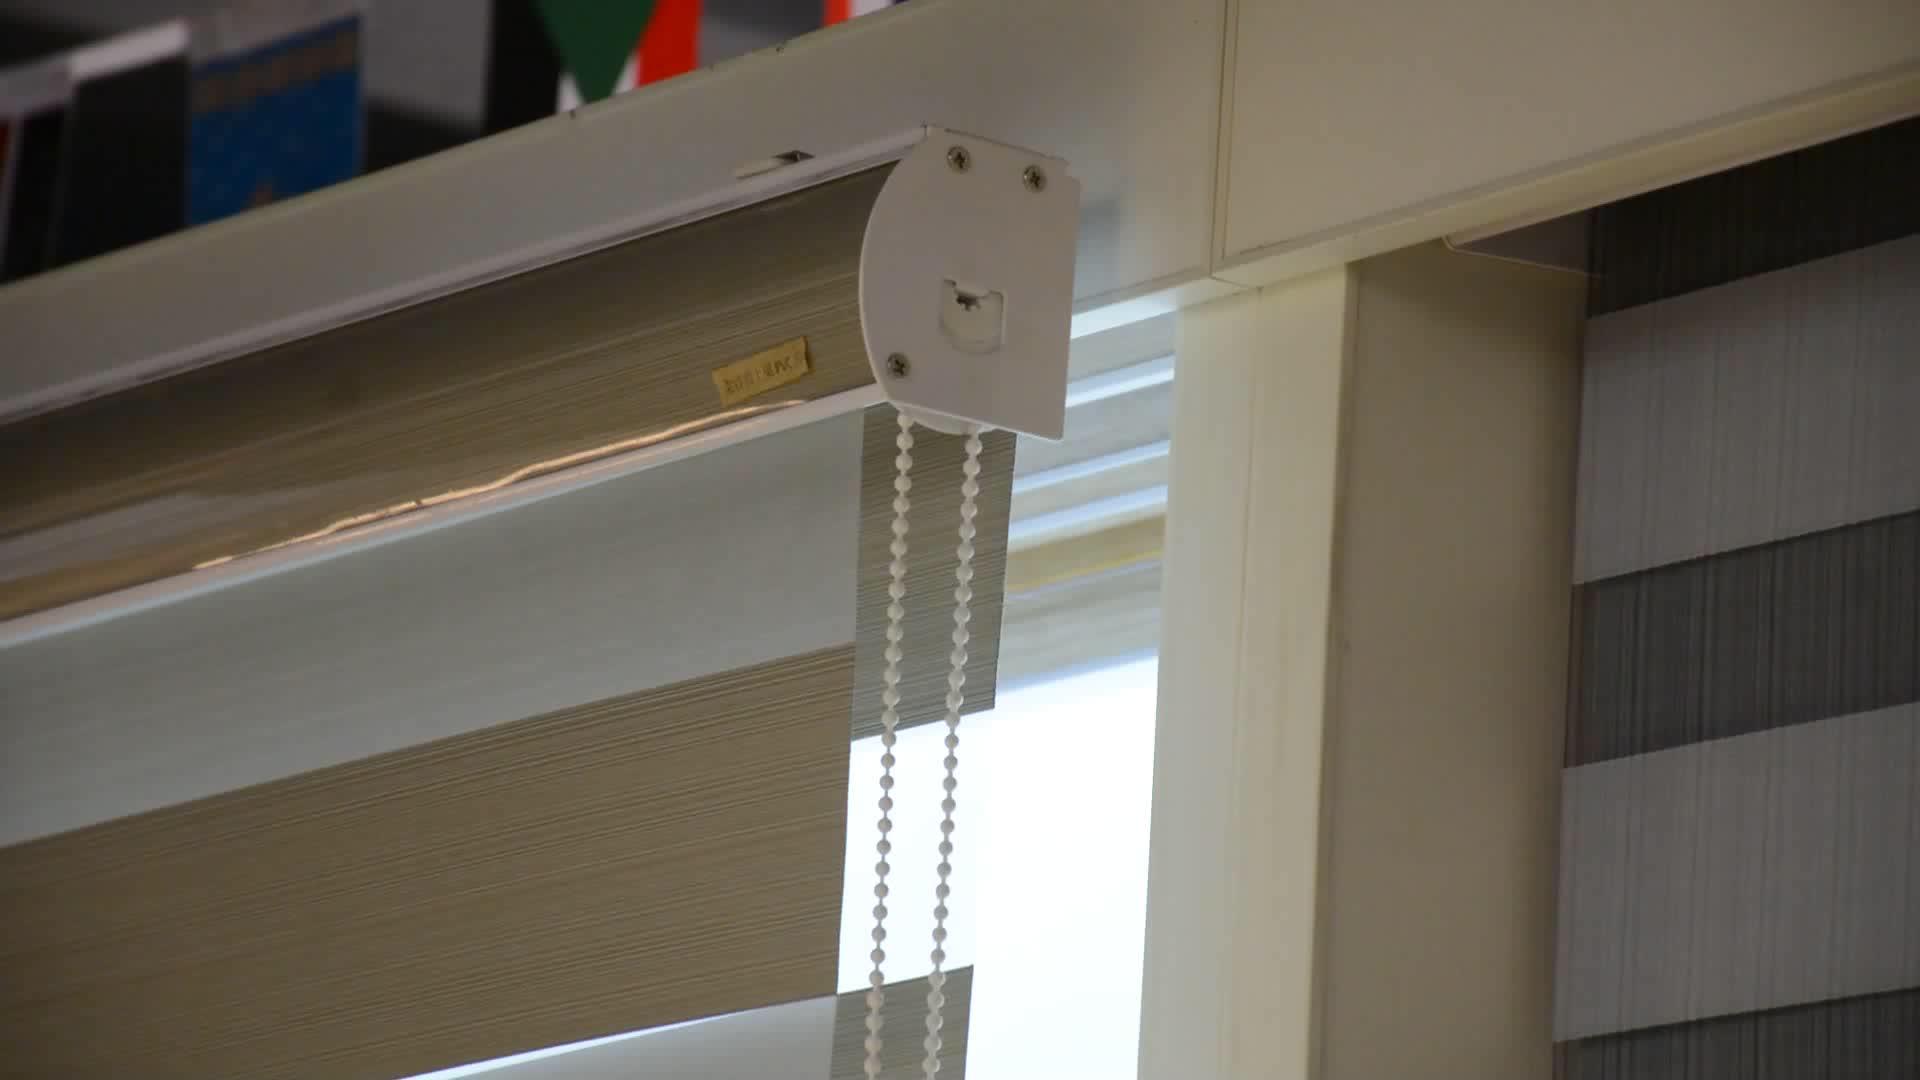 Persianas de vidrio resistentes al calor de ventanas populares de KYOK, china de barras de cortina hechas